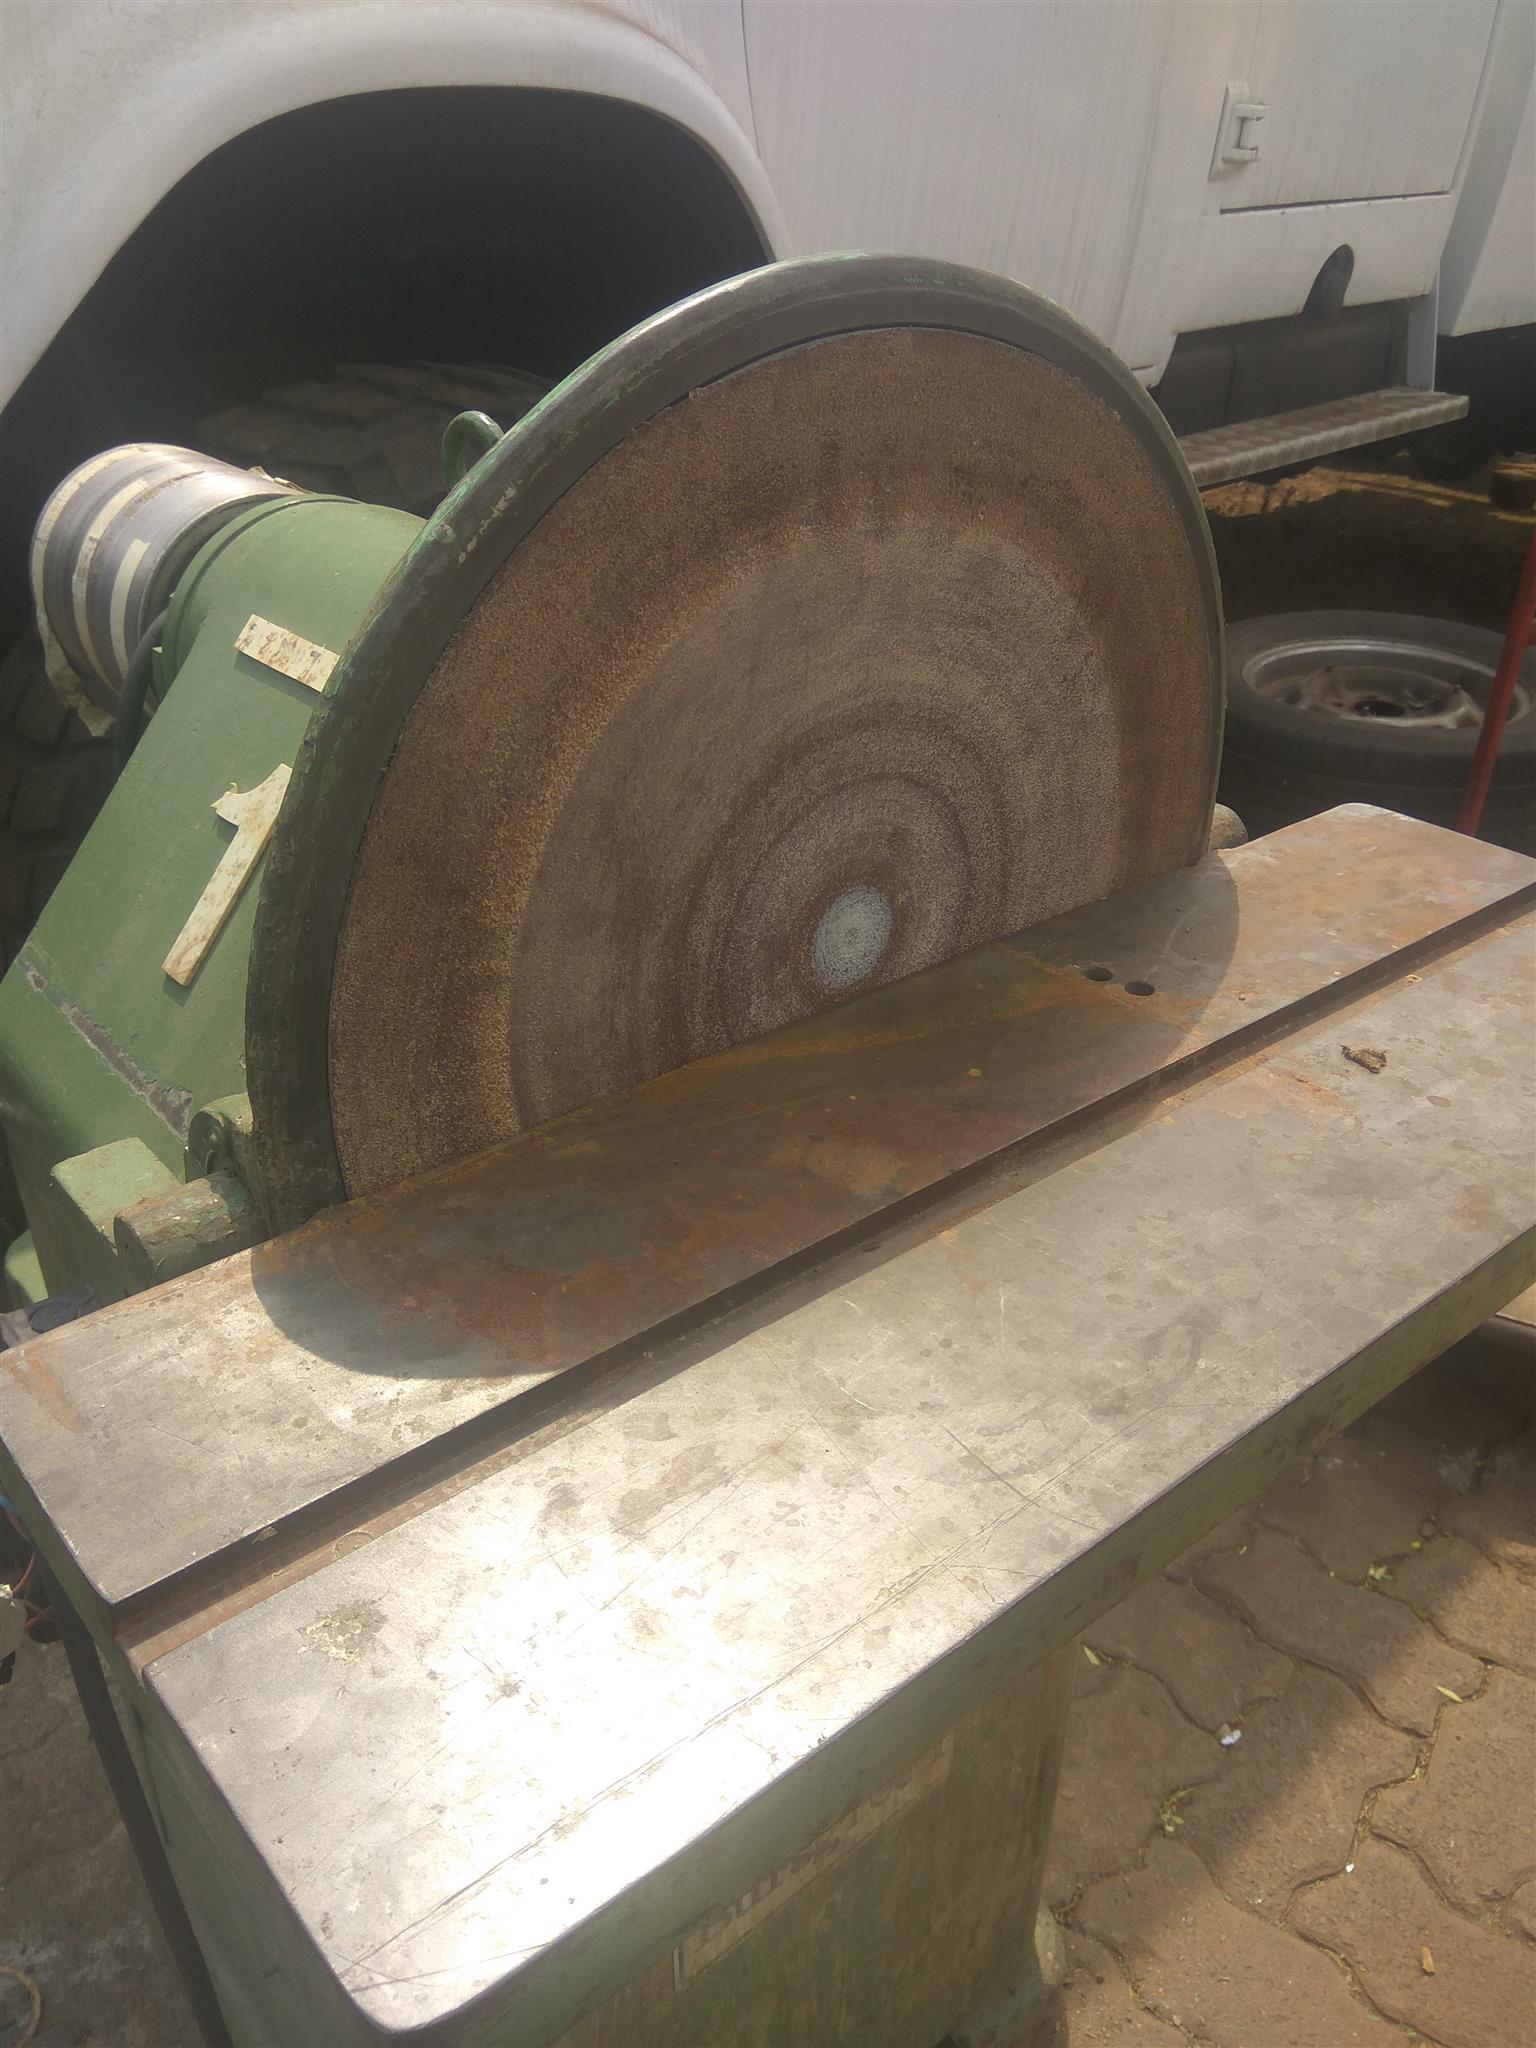 Disk drum sander for sale.